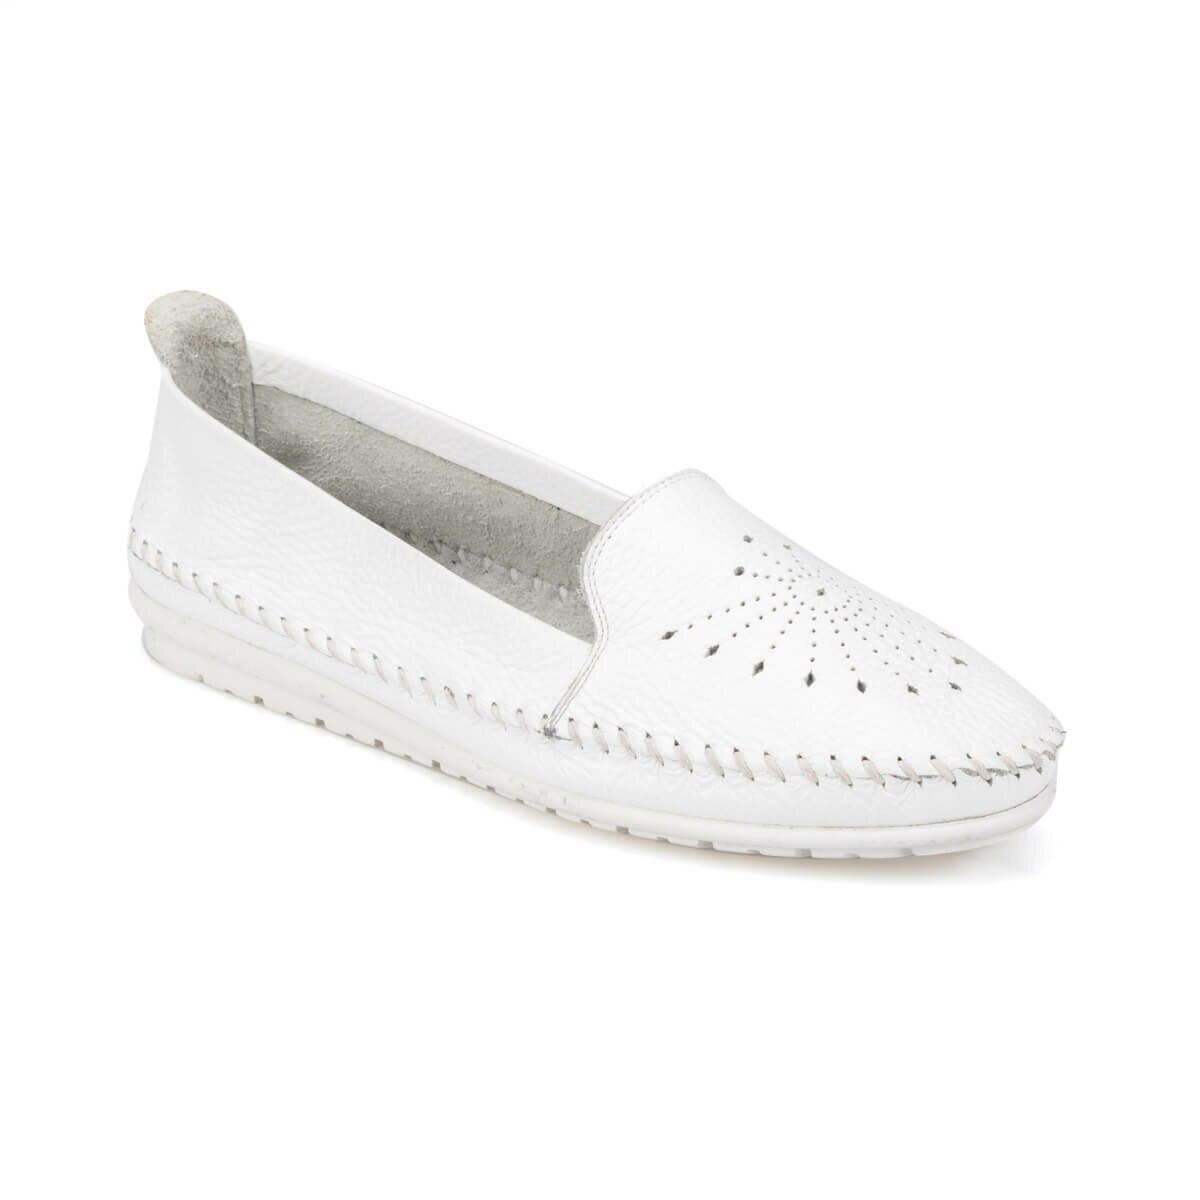 FLO 91.100773.Z White Women 'S Shoes Polaris